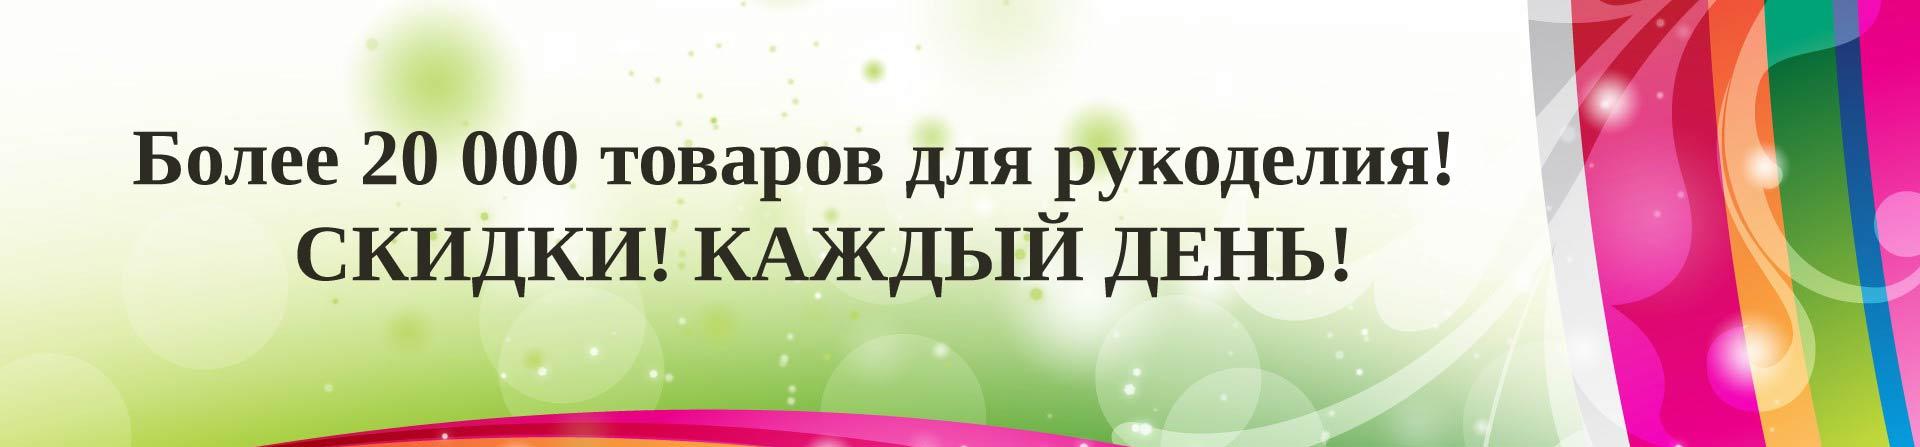 Товары для рукоделия со скидкой от интернет-магазина Happy-Hobby.ru